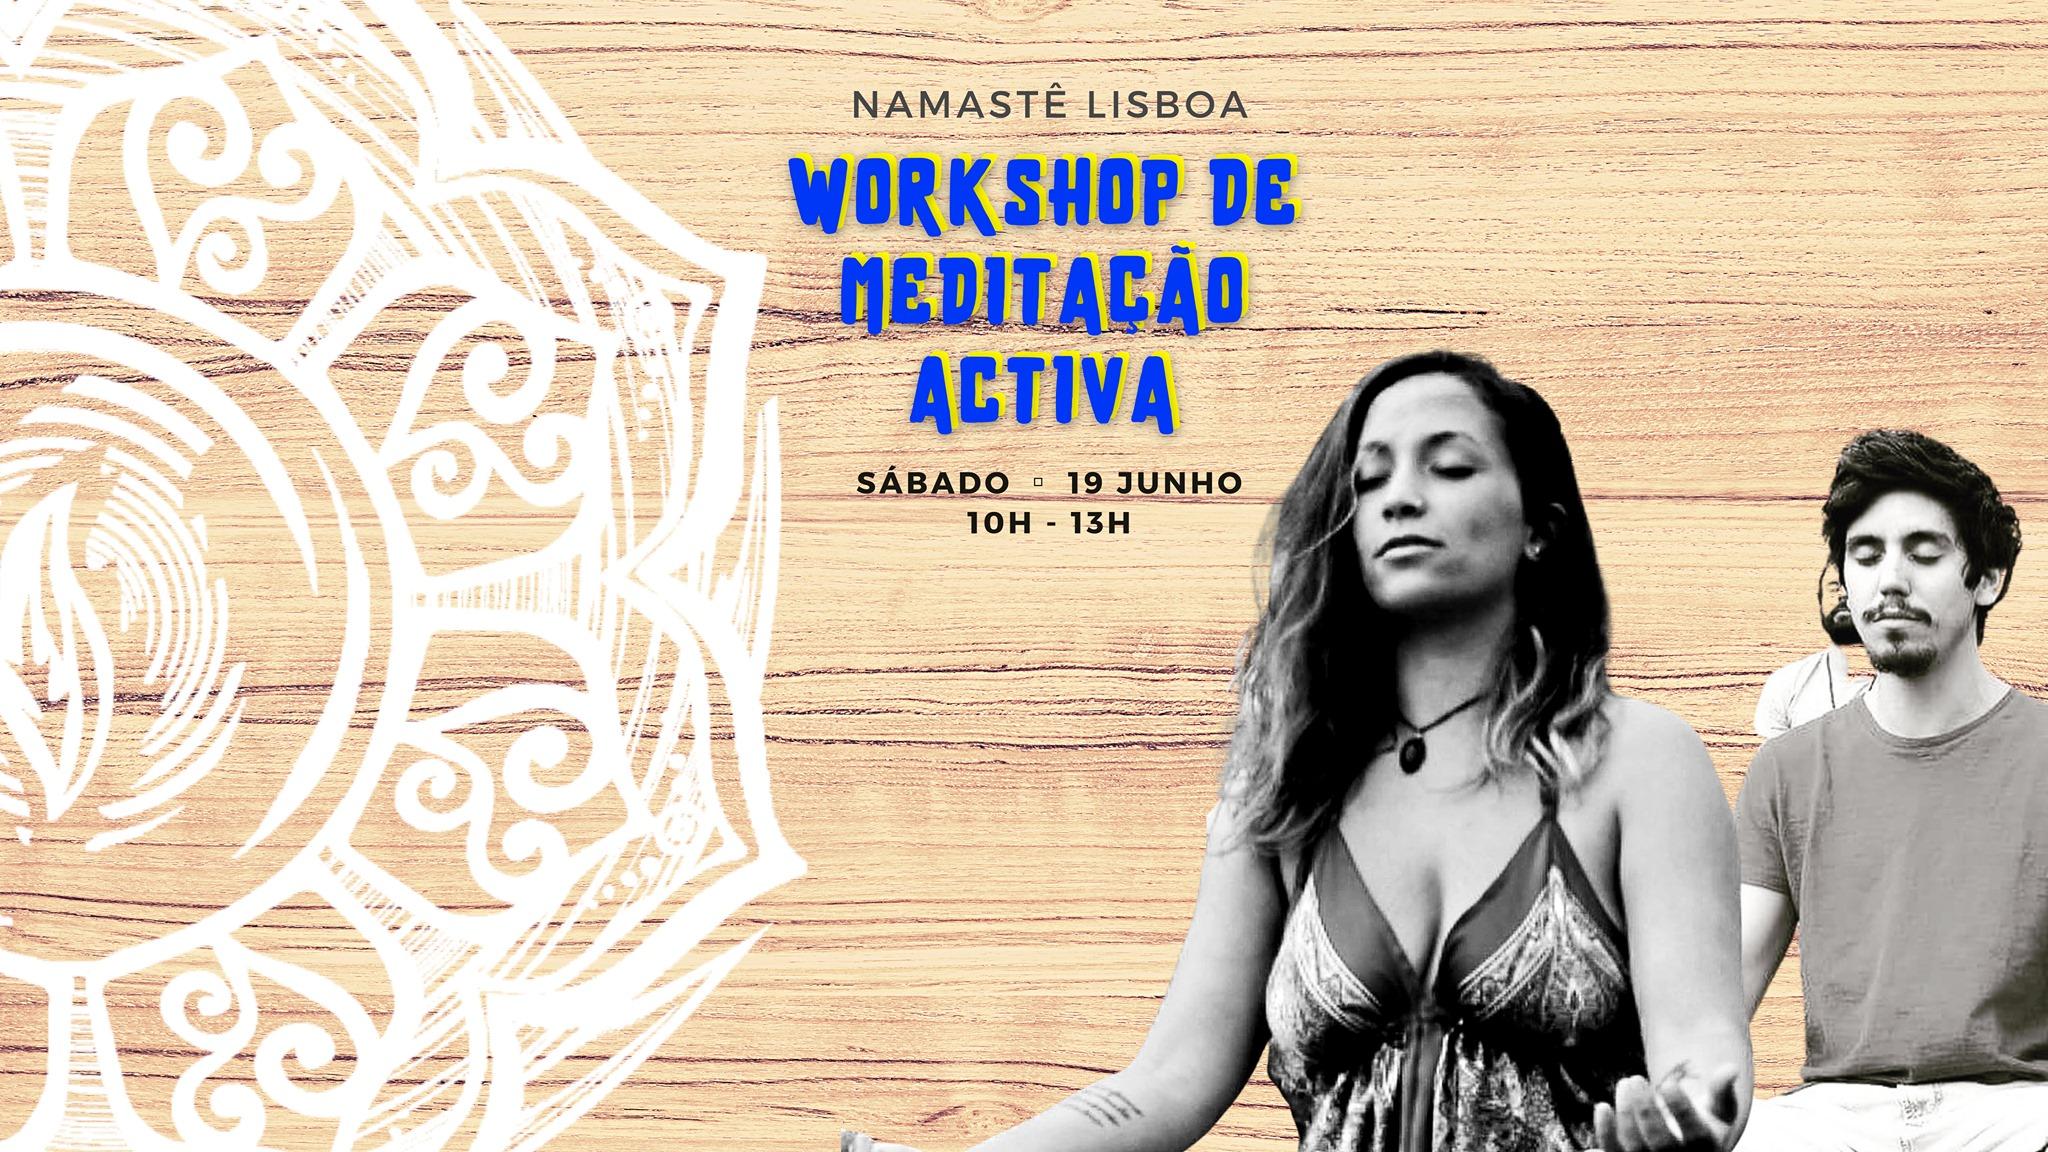 WORKSHOP DE MEDITAÇÃO ACTIVA